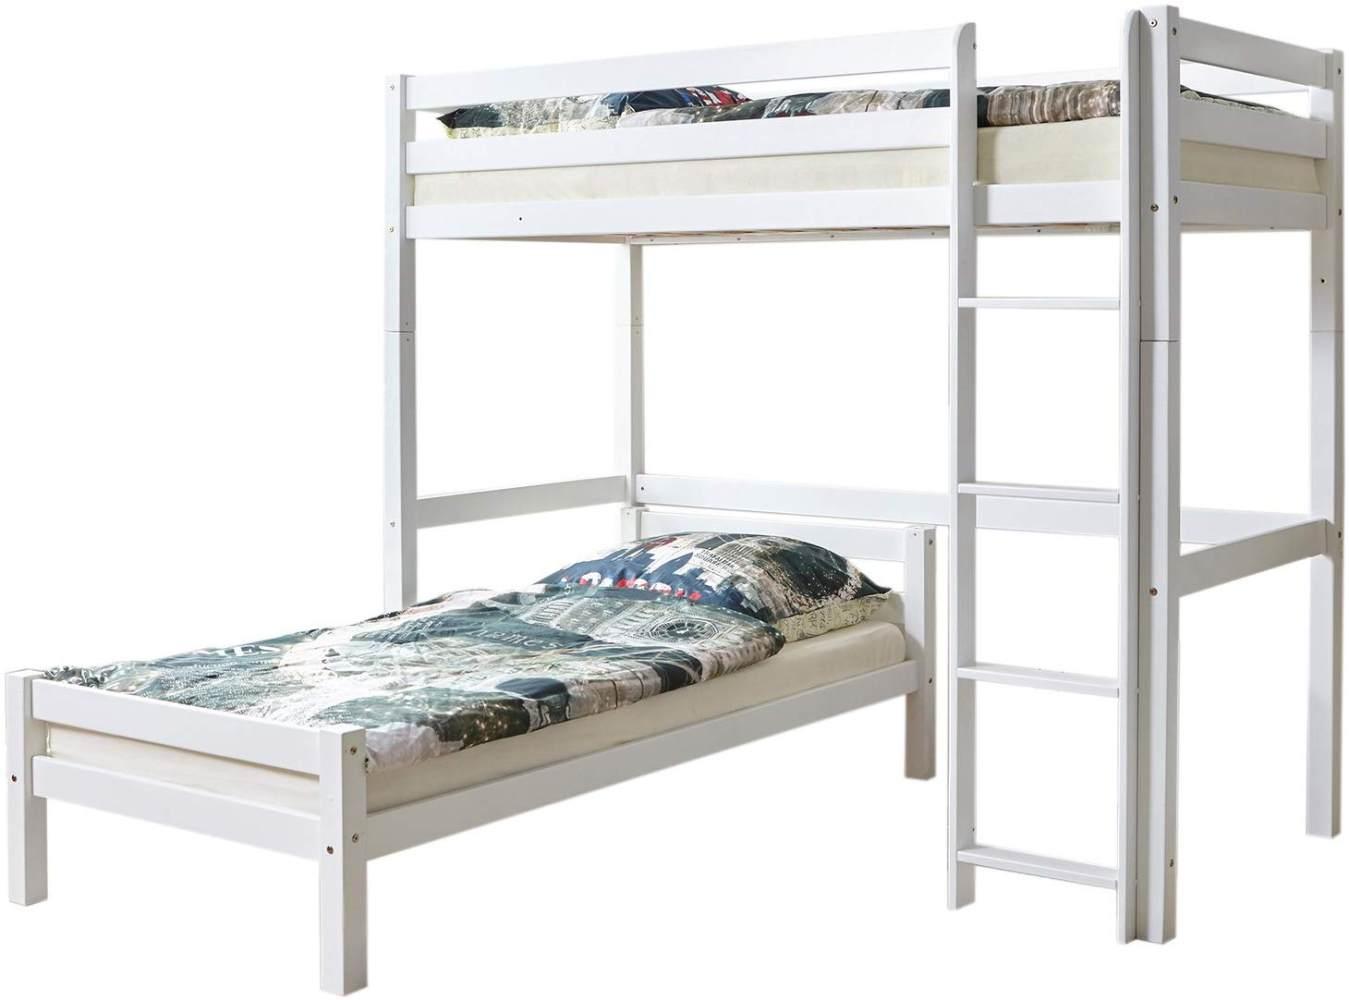 Ticaa 'Tolly' Etagenbett L-Bett Buche Weiß 90x200 Bild 1